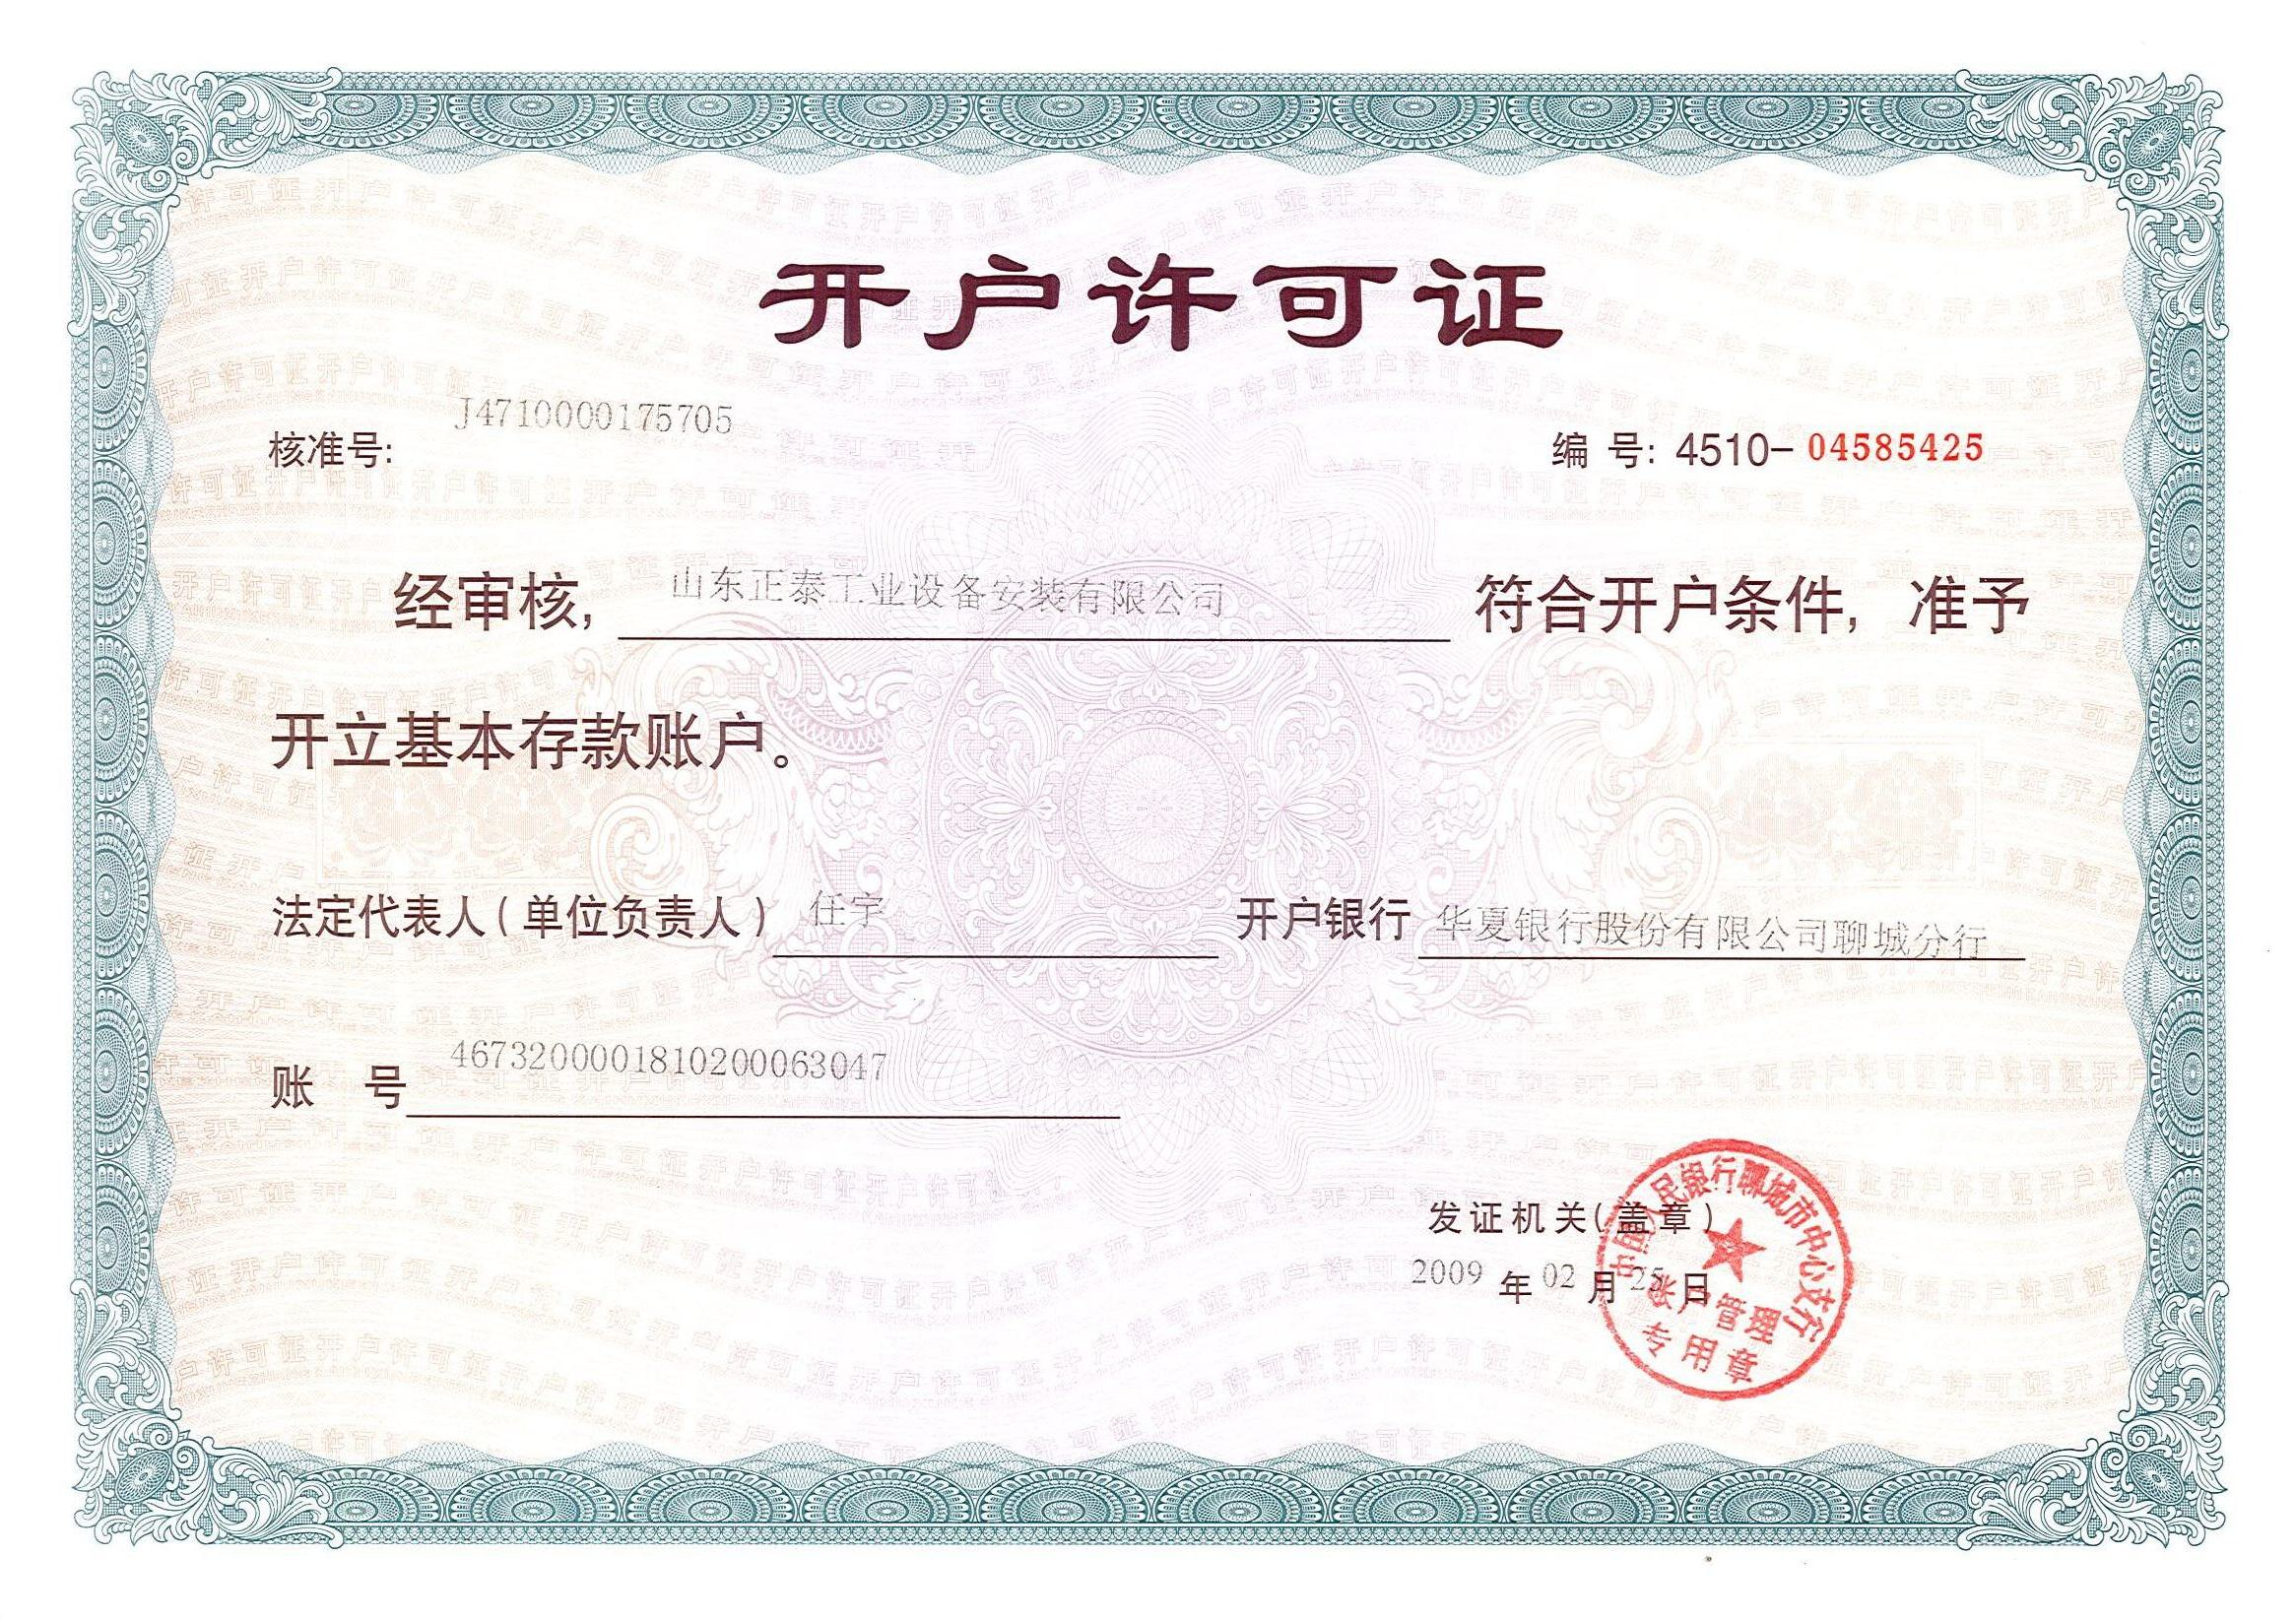 基本kai户许可zheng